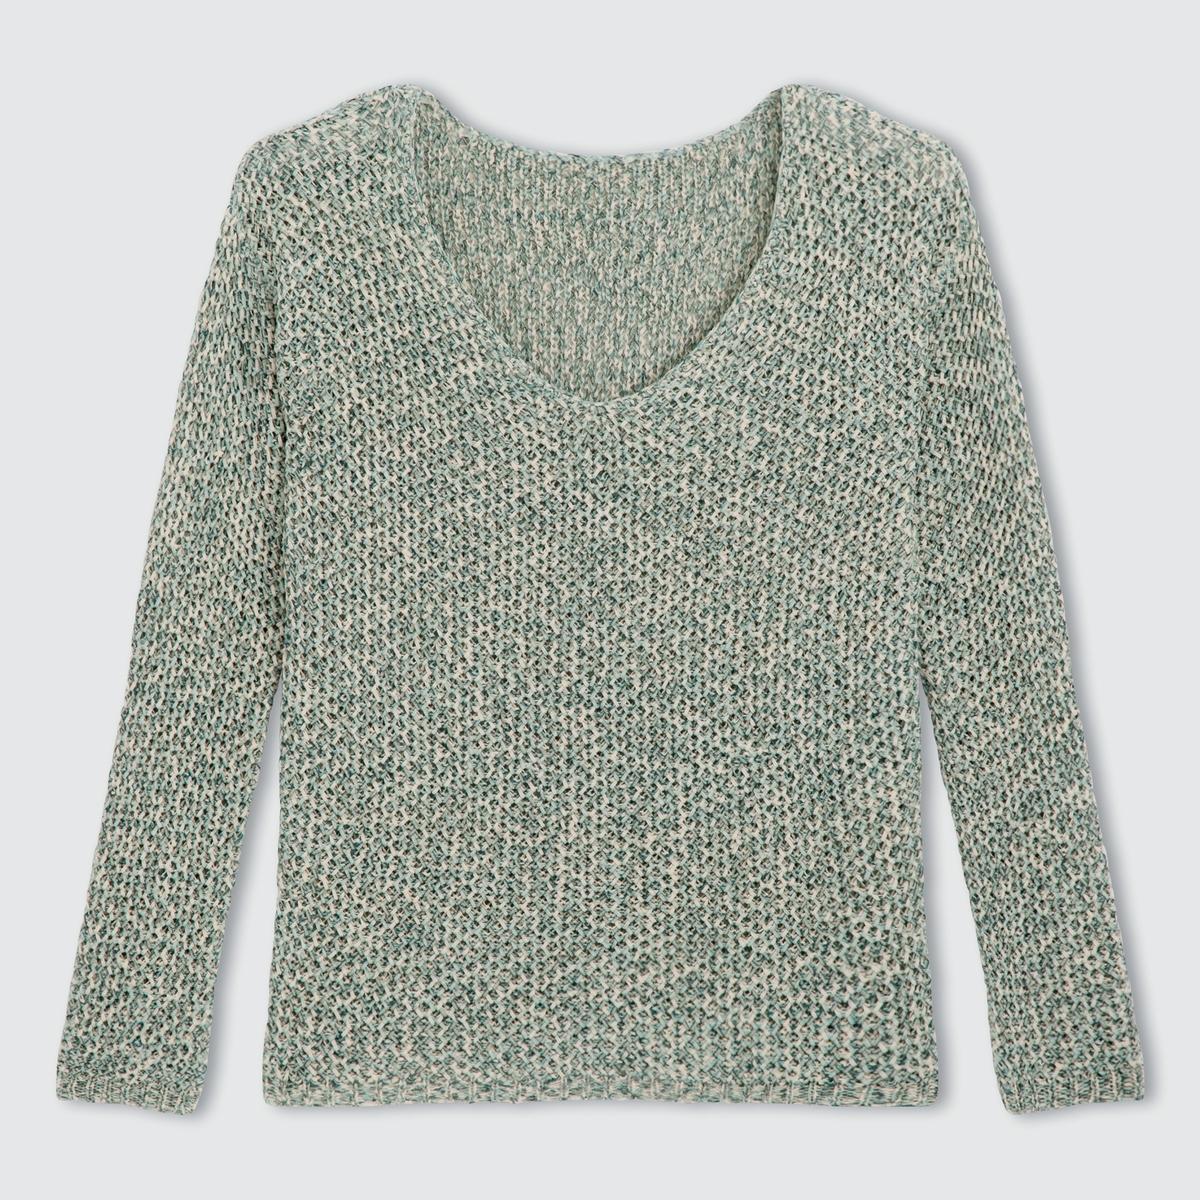 Пуловер с длинными рукавами и V-образным вырезом из ленточного трикотажаПуловер из ленточного трикотажа 62% акрила, 38% полиамида для цвета морская волна, 73% хлопка, 27% полиэстера для цвета серый меланж .  Длинные рукава. Края рукавов и низа связаны в рубчик. Длина 63 см.Очень женственный пуловер из оригинального трикотажа!<br><br>Цвет: меланж зеленый<br>Размер: 42/44 (FR) - 48/50 (RUS).46/48 (FR) - 52/54 (RUS)